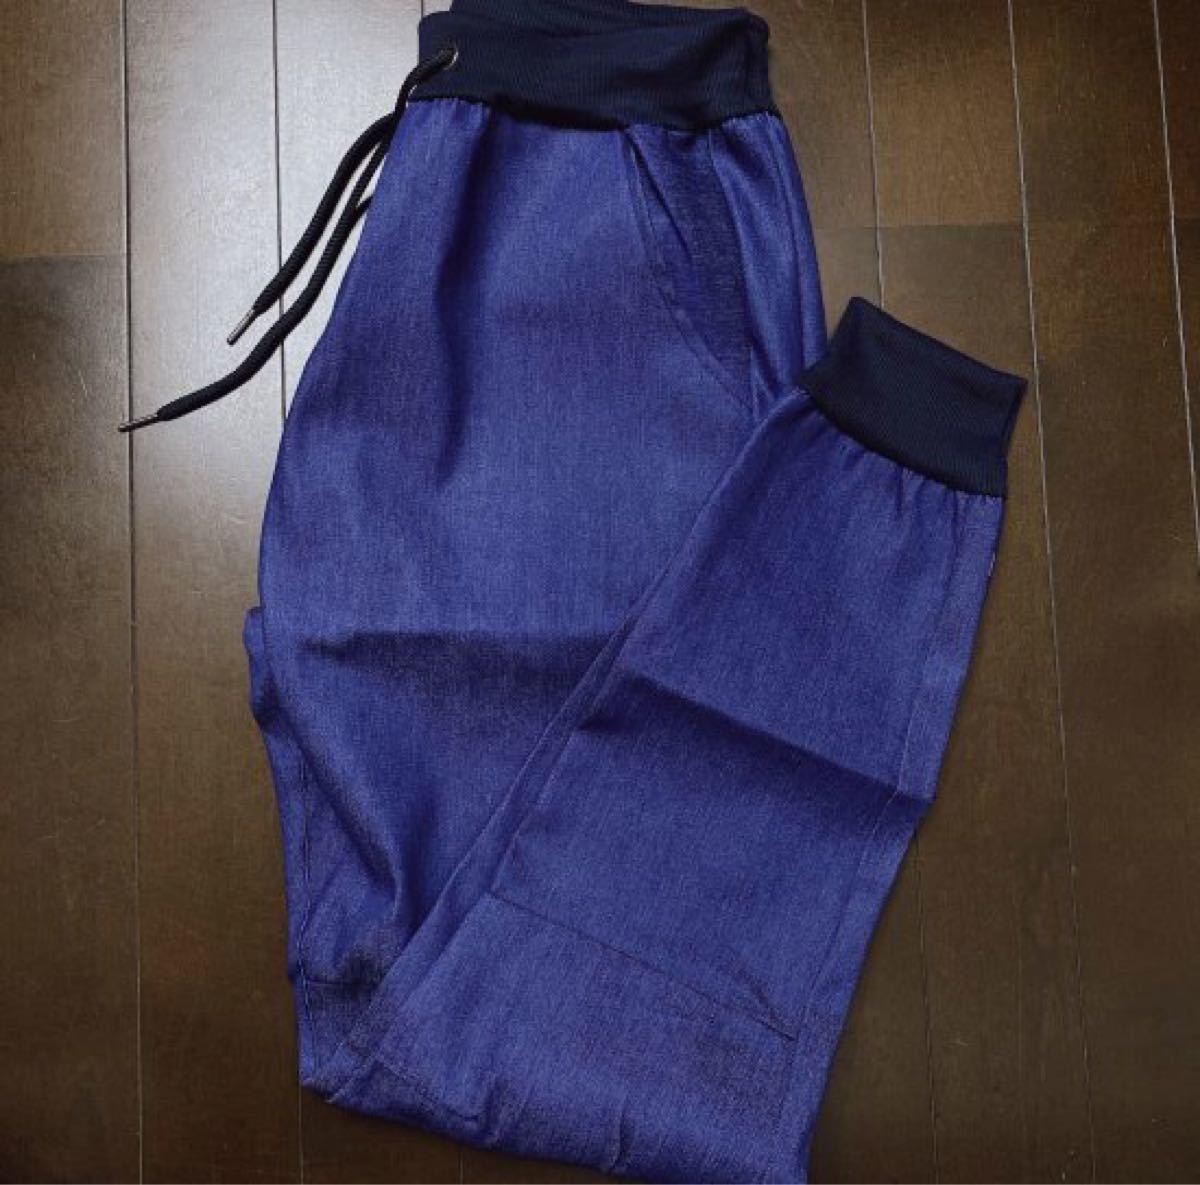 【大人気!】メンズ ジョガーパンツ ジーンズ デニム調 ブルー F135 デニムパンツ